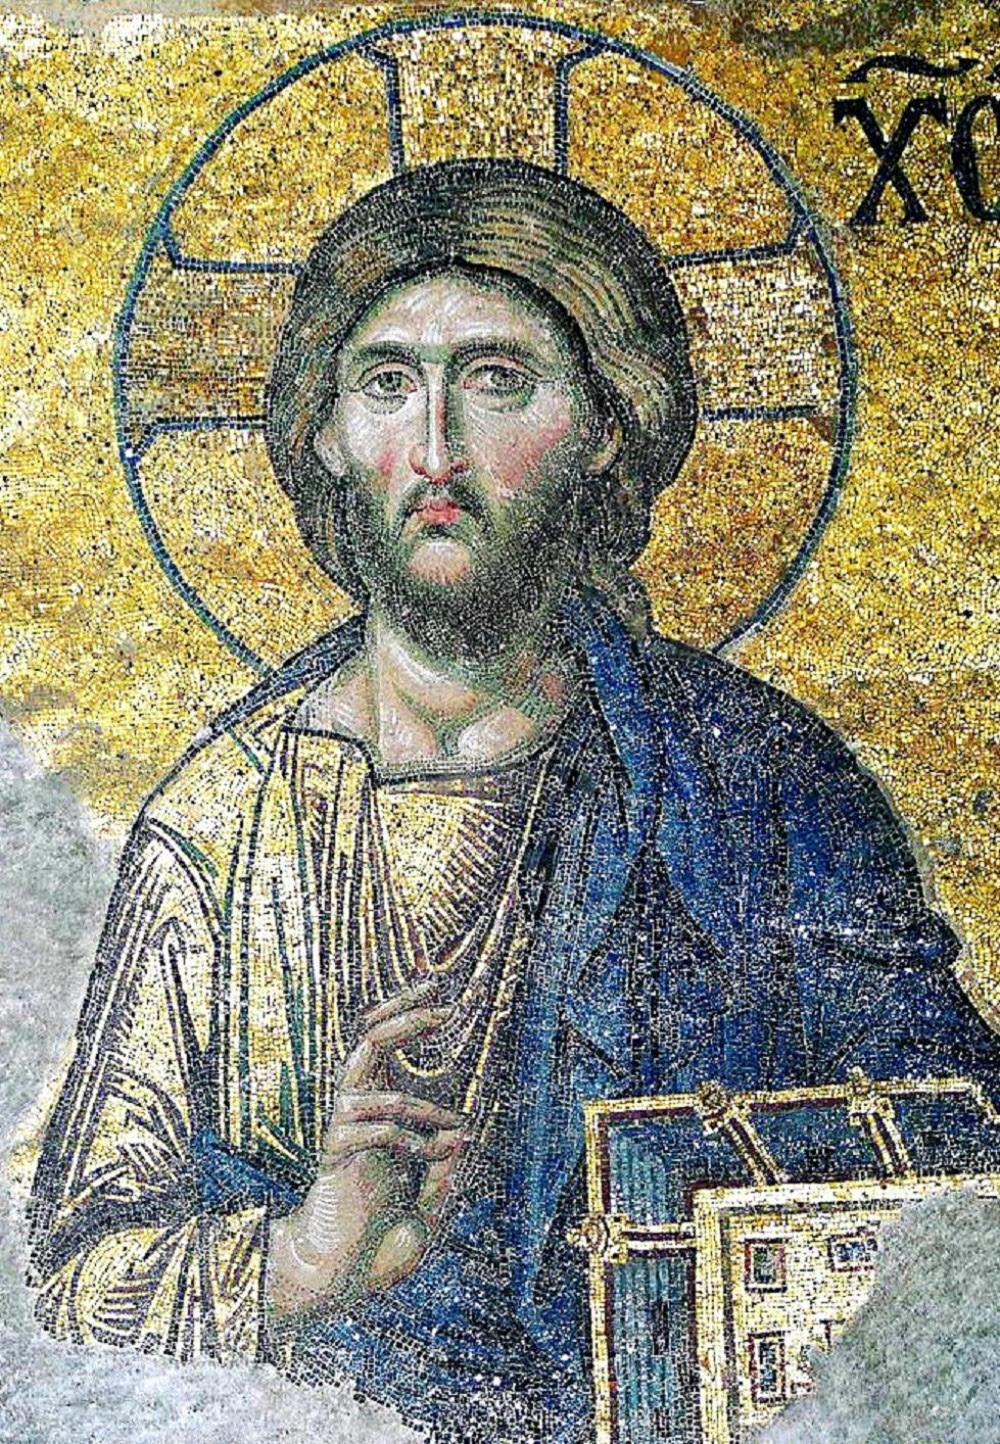 Unknown Artist. Christ Pantocrator. Deisis. Naos tis Agias tou Theou Sofias (Church of the Holy Wisdom of God). Istanbul (Turkey). 1261